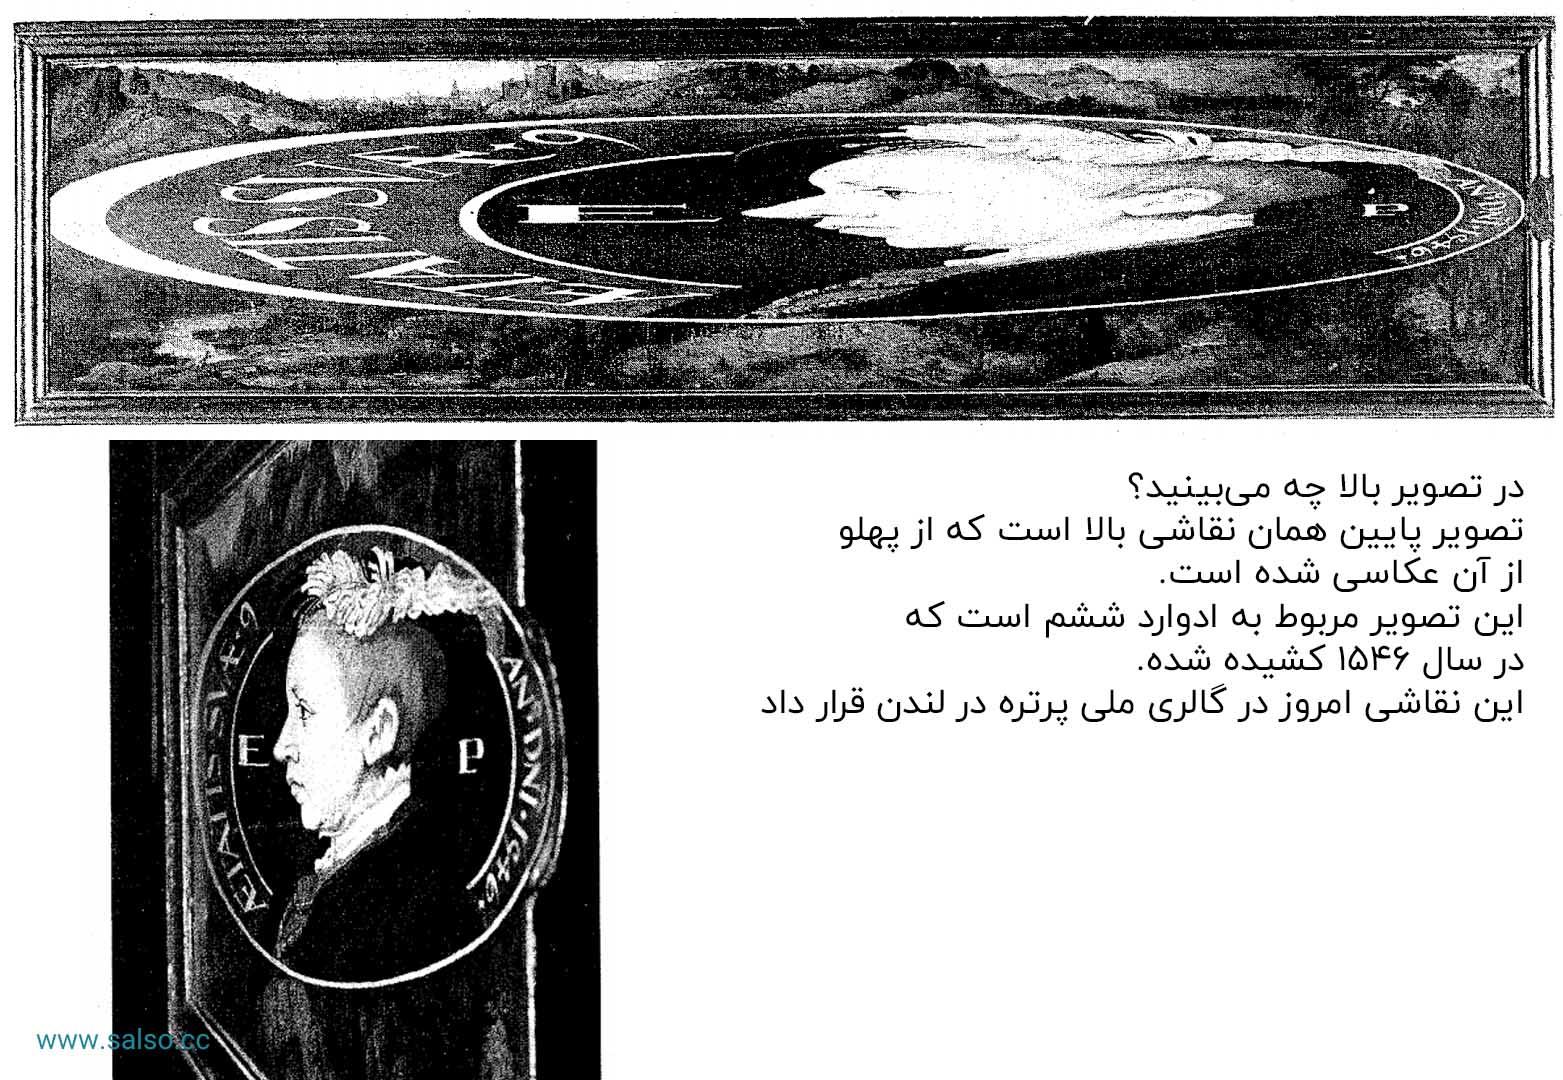 نقاشی سه بعدی ادوارد ششم